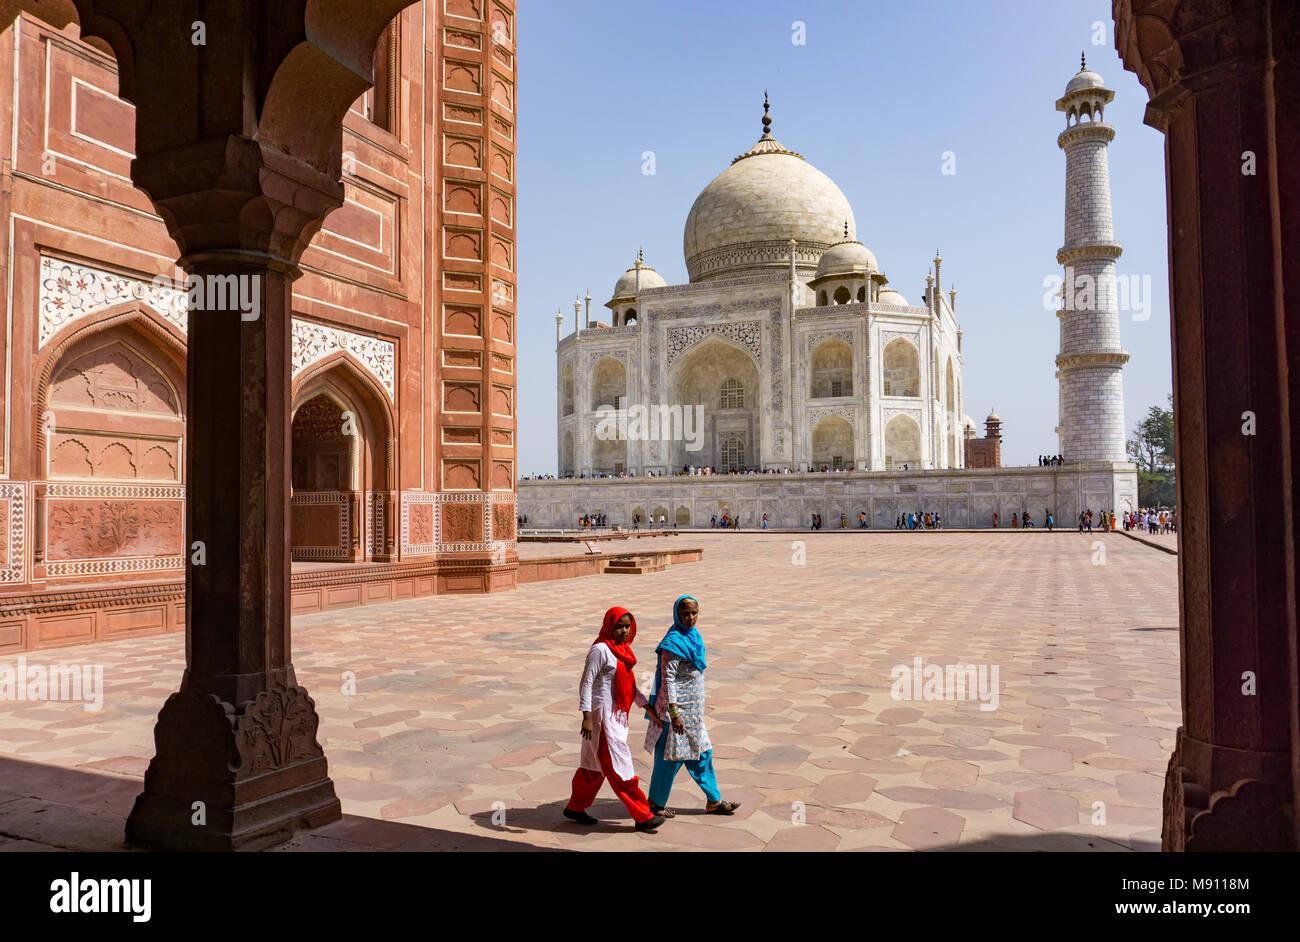 Agra, India - Marzo 03, 2018: dos mujeres indias en el Taj Mahal. El Taj Mahal es un mausoleo de mármol blanco-marfil y la mayoría de los lugares más famosos de la India. Imagen De Stock